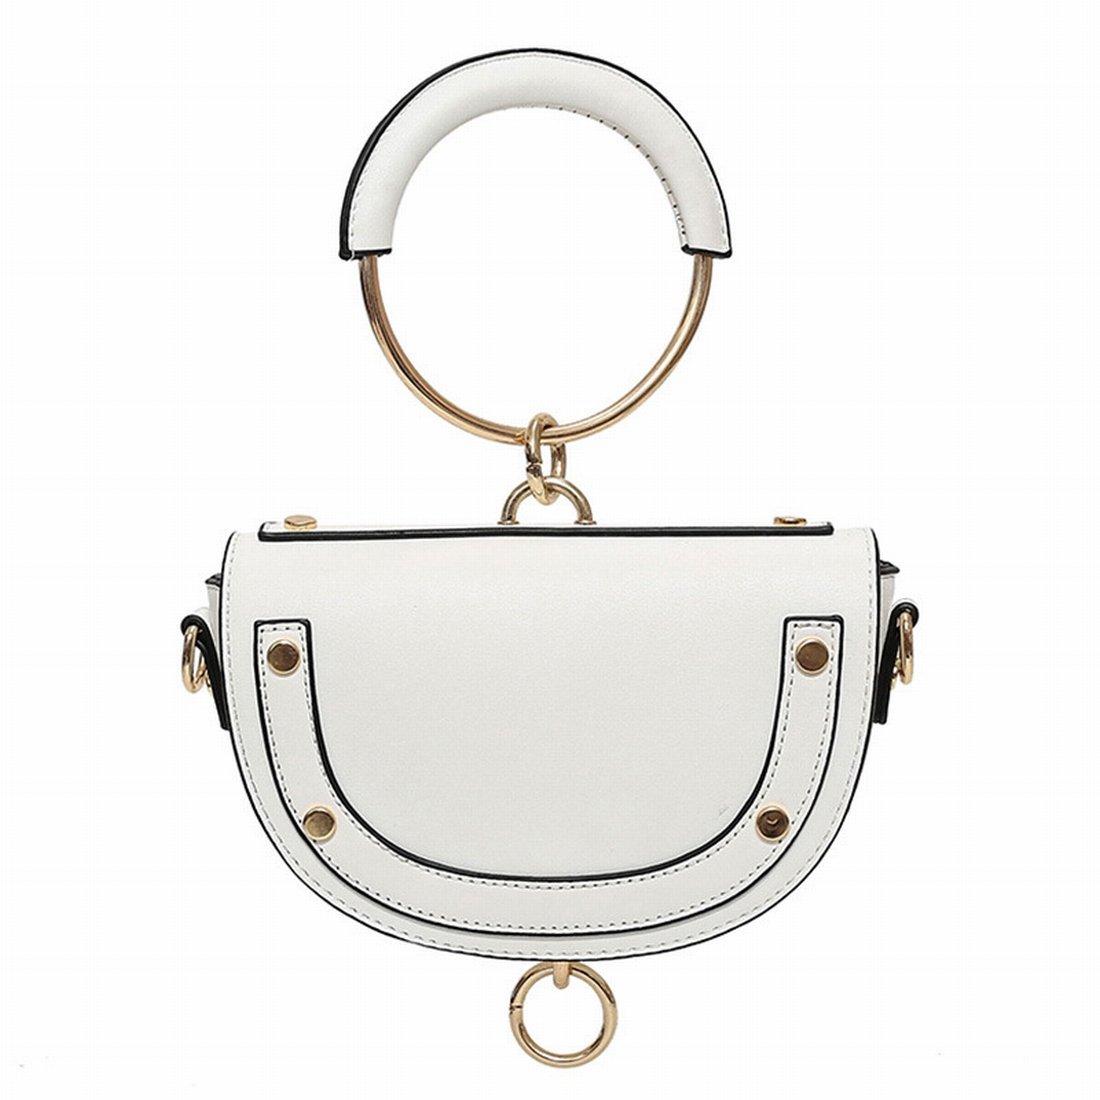 Fashion Satteltasche rund Handtasche Schultertasche Messenger Bag